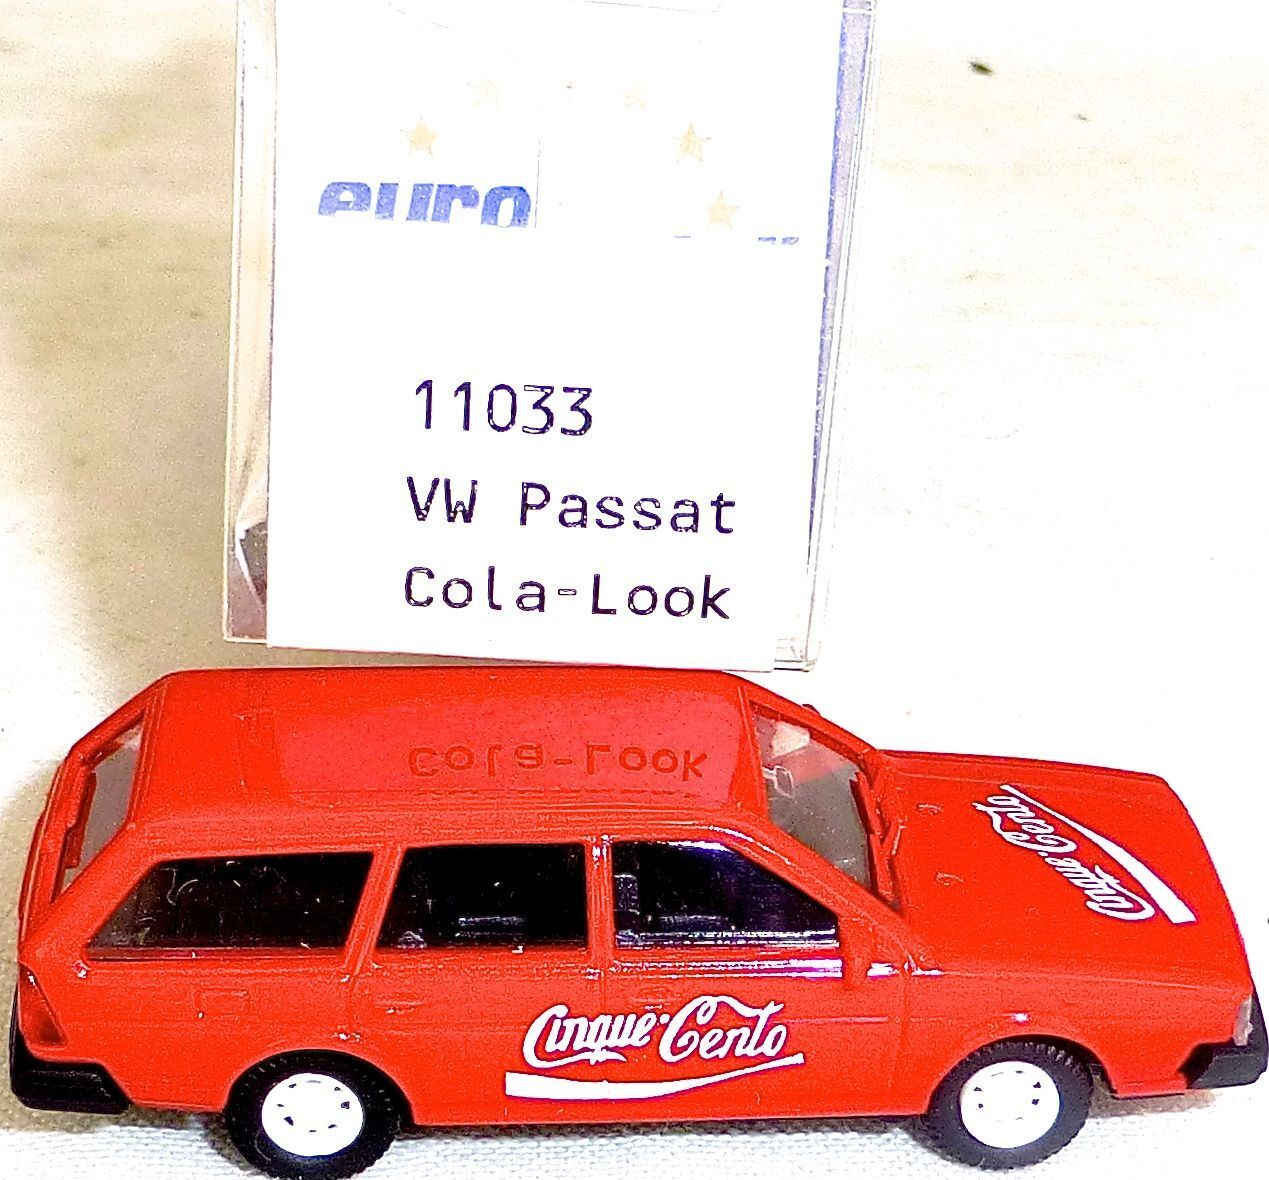 VW Passat Year 1981 Cola Look Imu Euromodell 11033 H0 1 87 Ovp  H01 Å